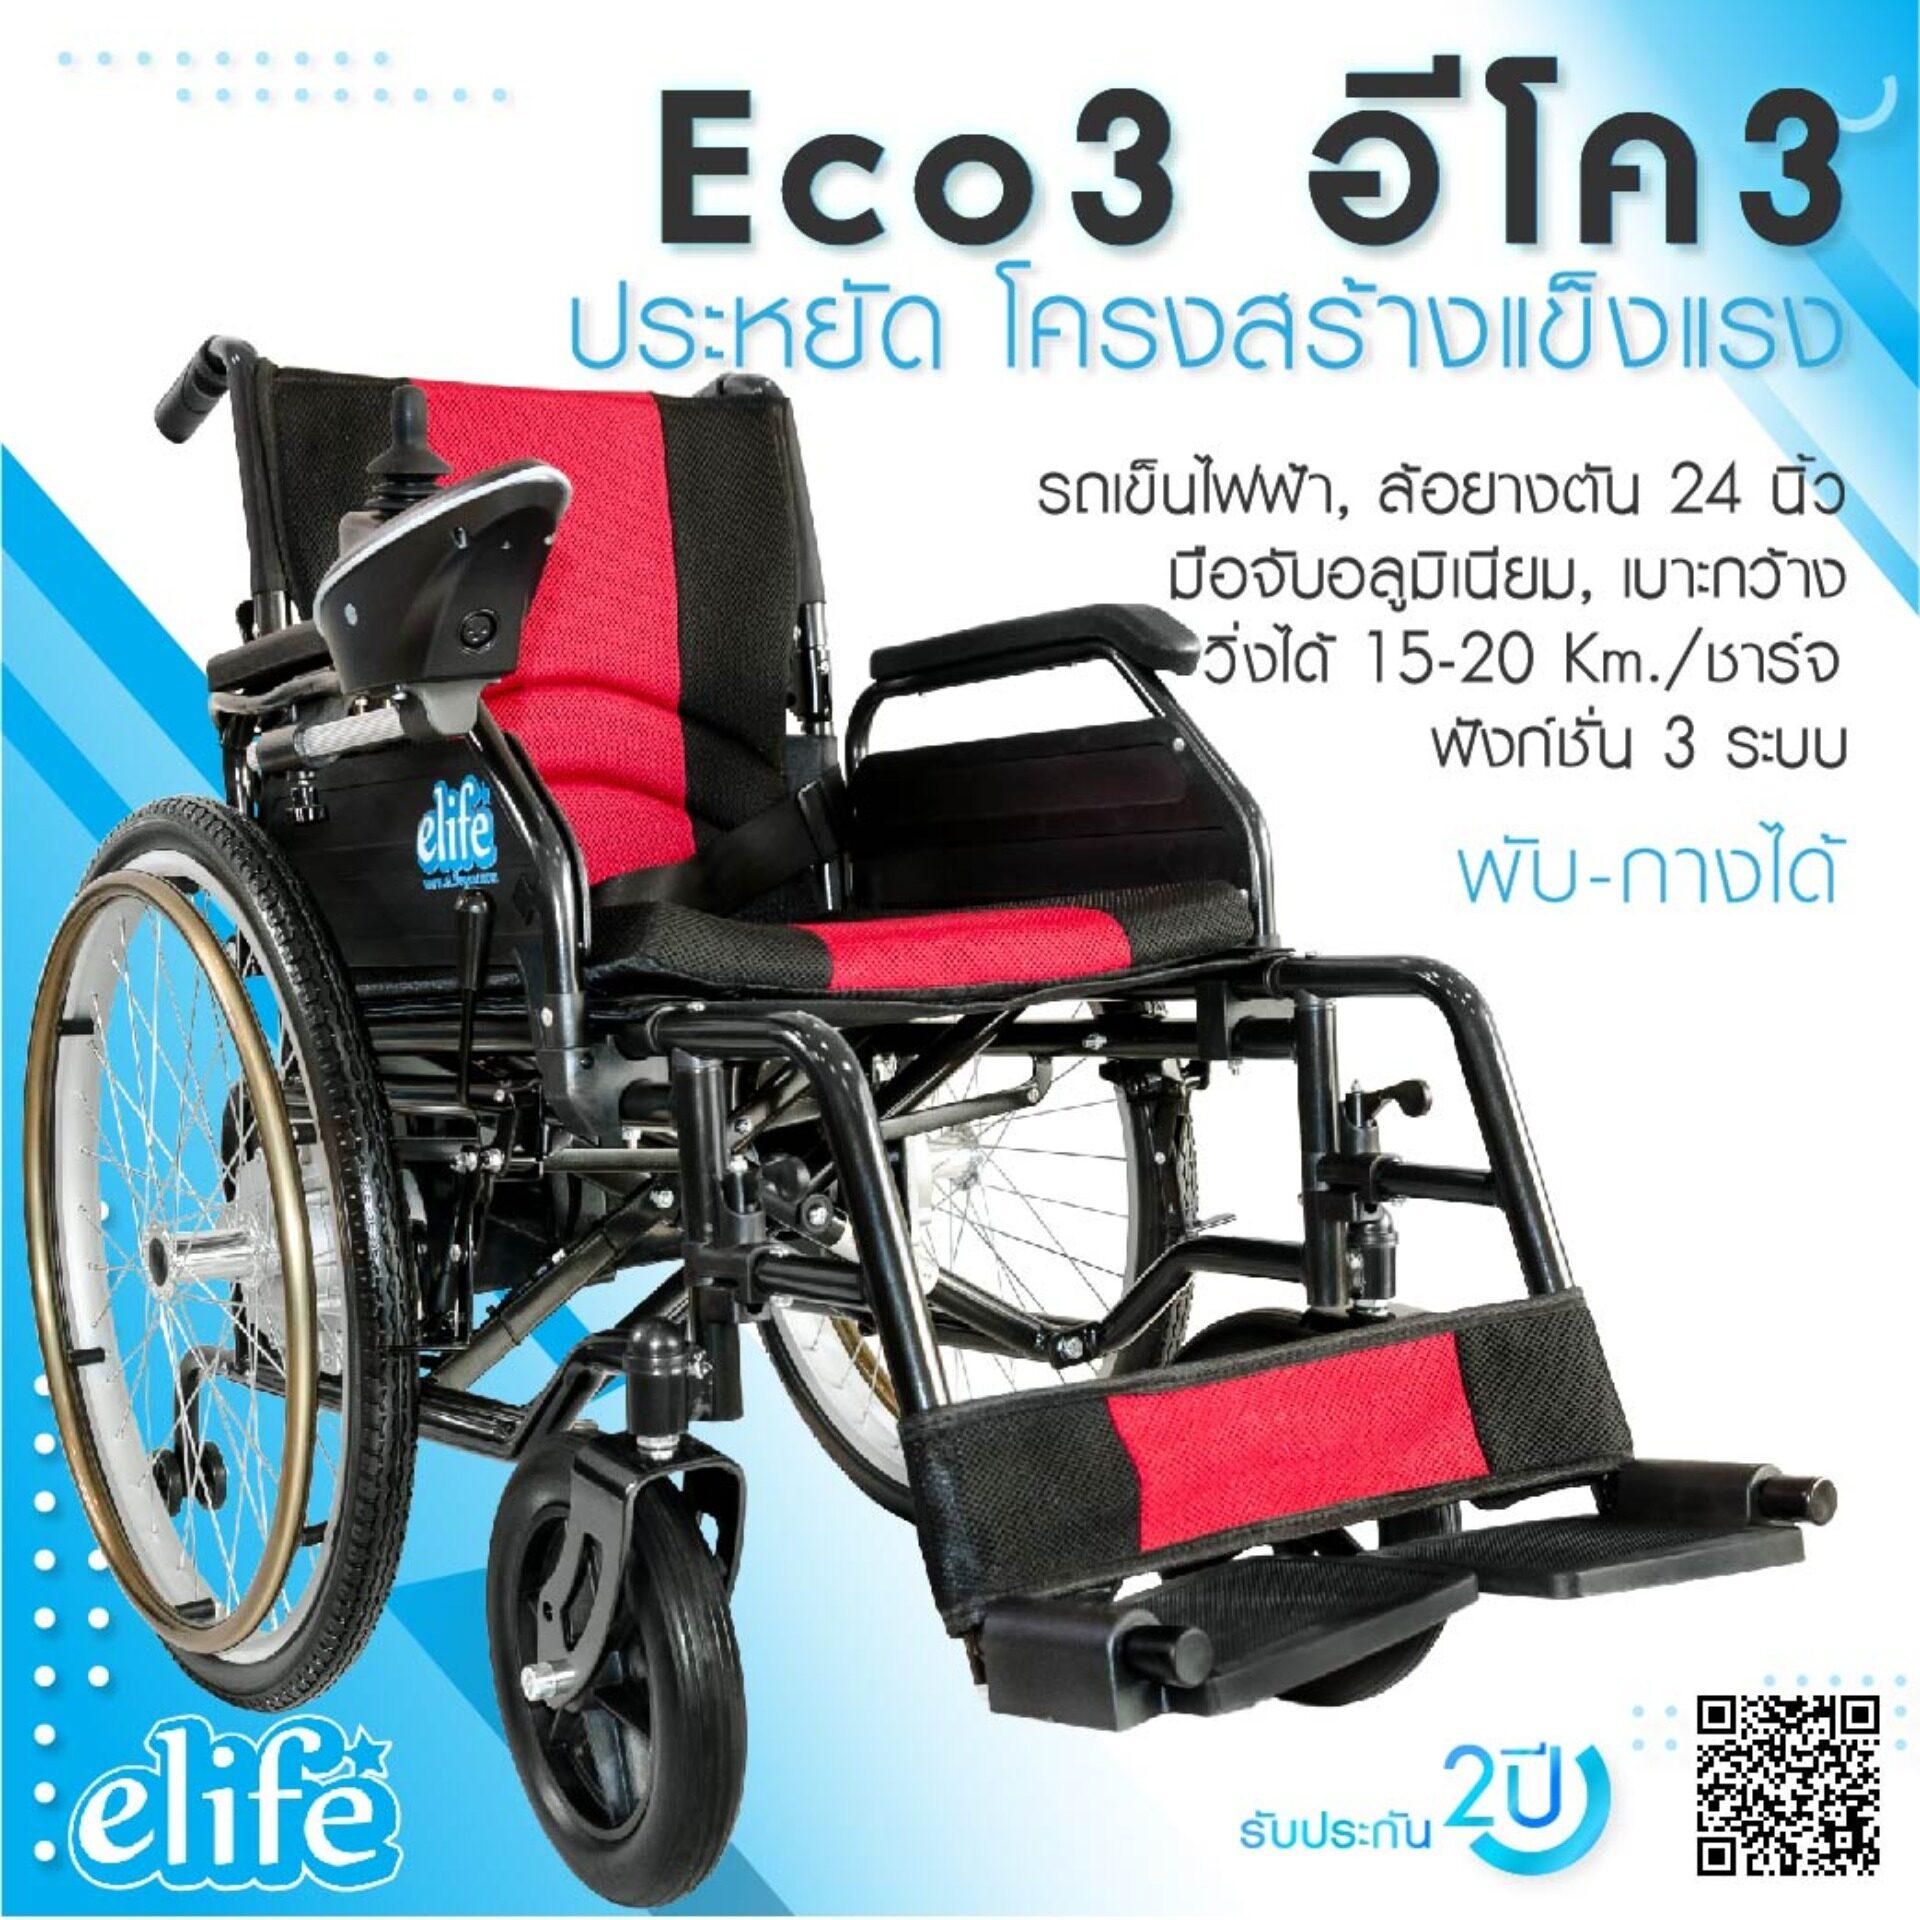 Elife รถเข็นไฟฟ้า Eco3 3in1 เข็นไฟฟ้า-หมุนเอง-คนอื่นเข็น.